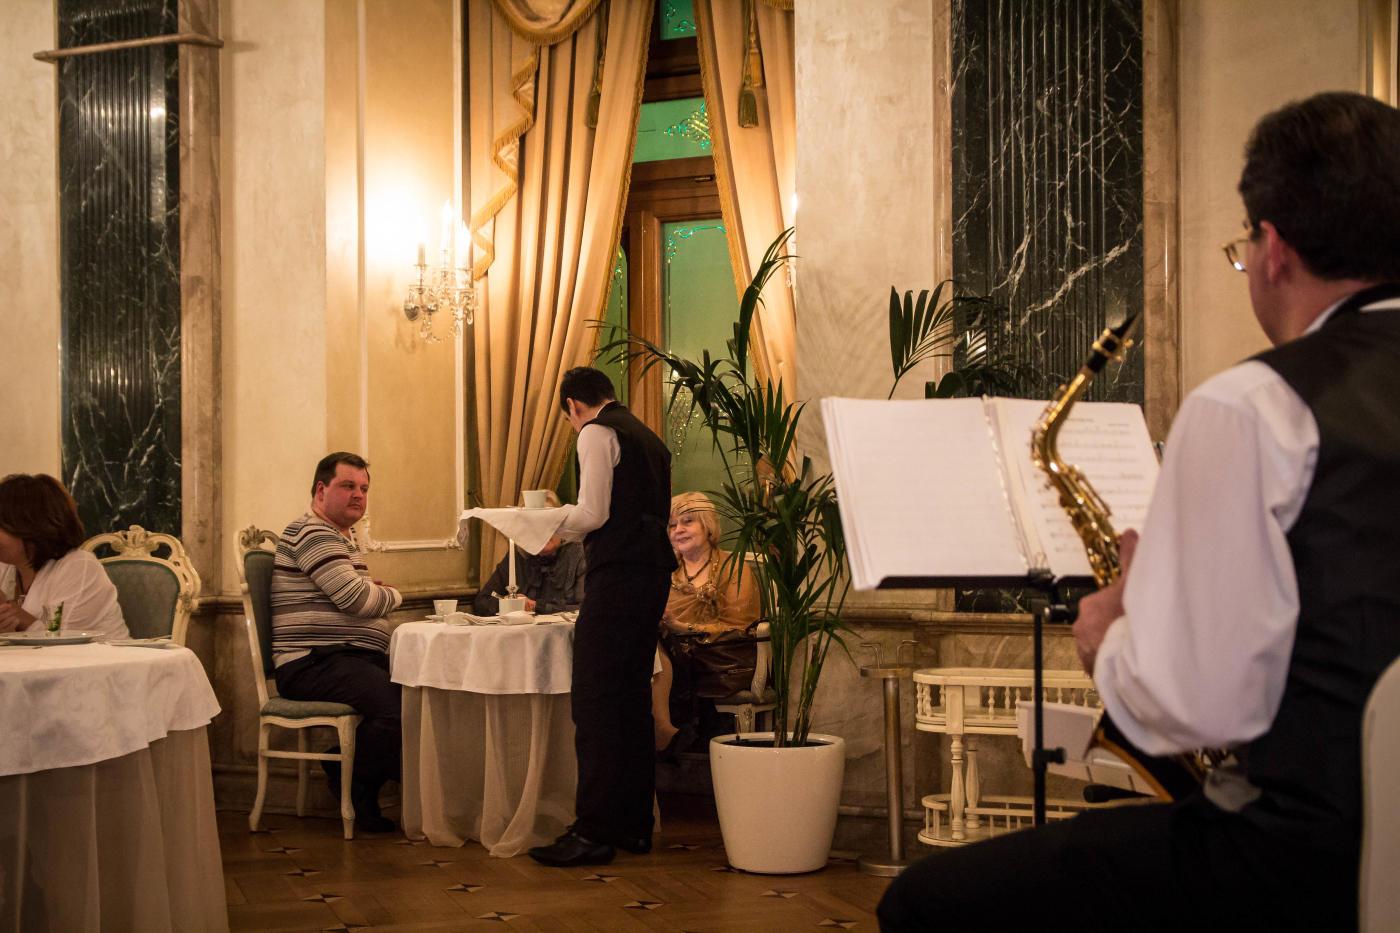 Ресторан Ривьера (Riviere) фото 52